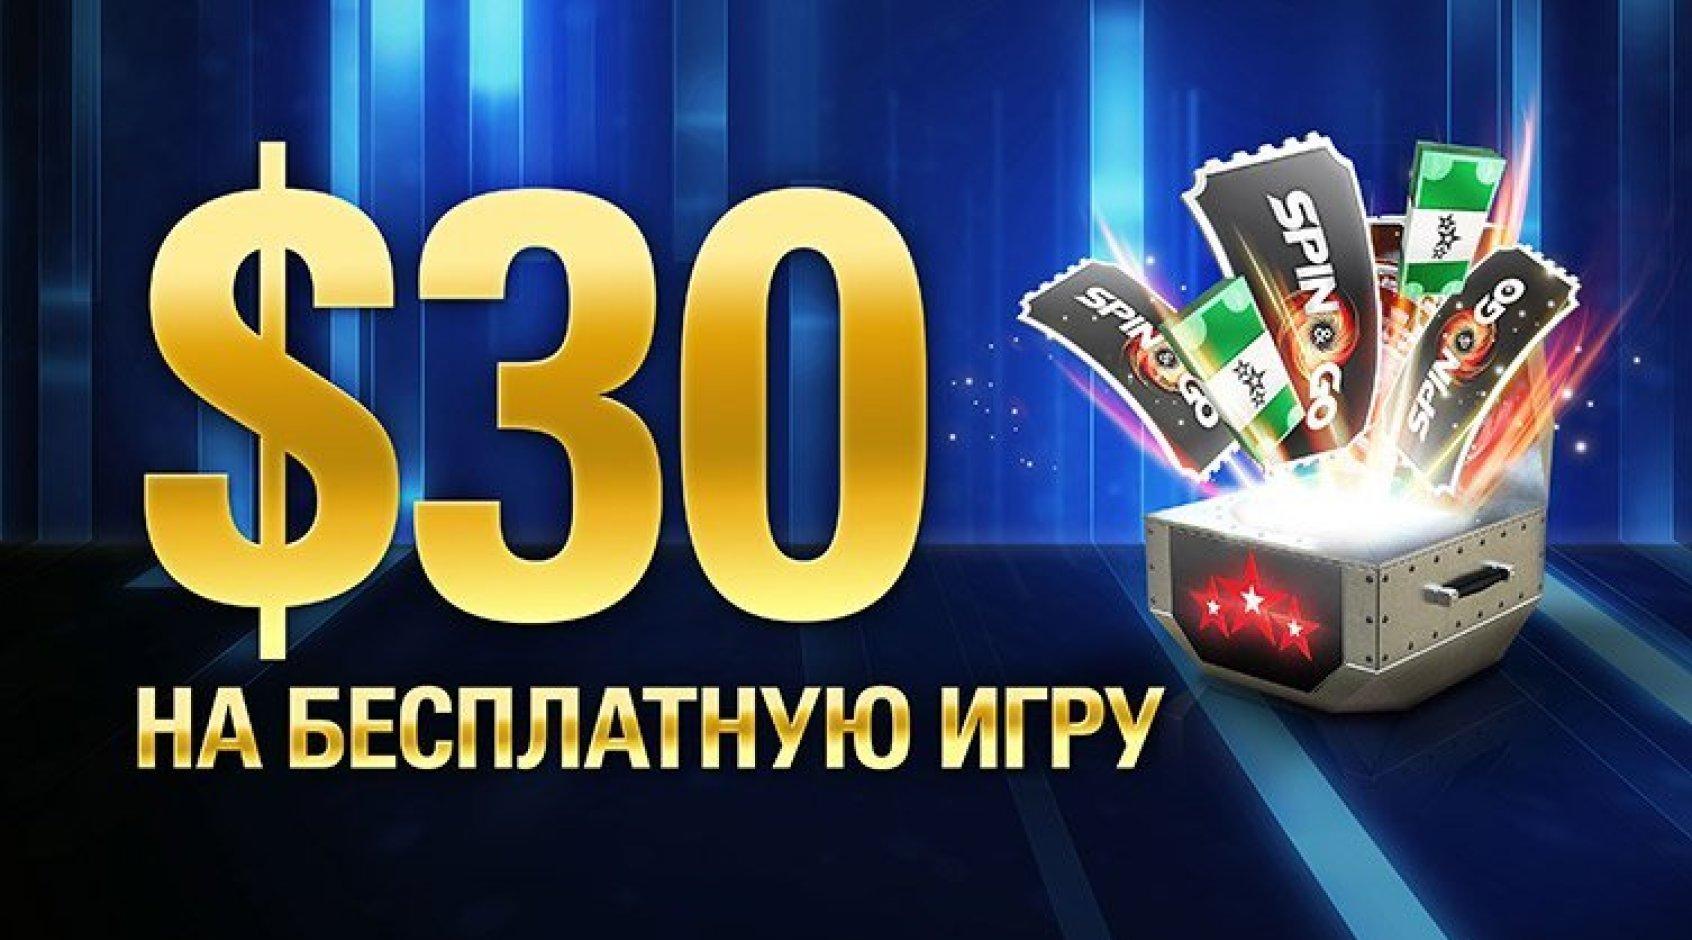 Акция от PokerStars: получи бесплатно 30$ за первый депозит